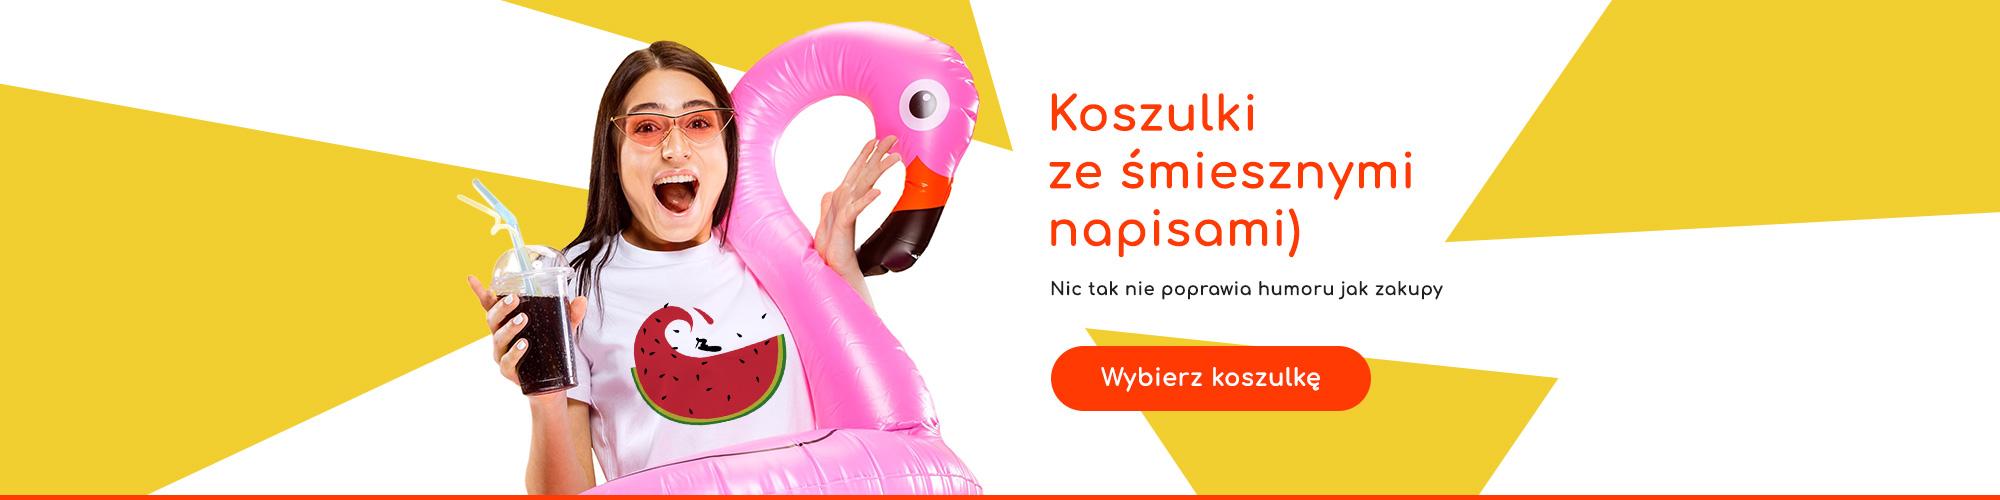 smieszne-koszulki-pl